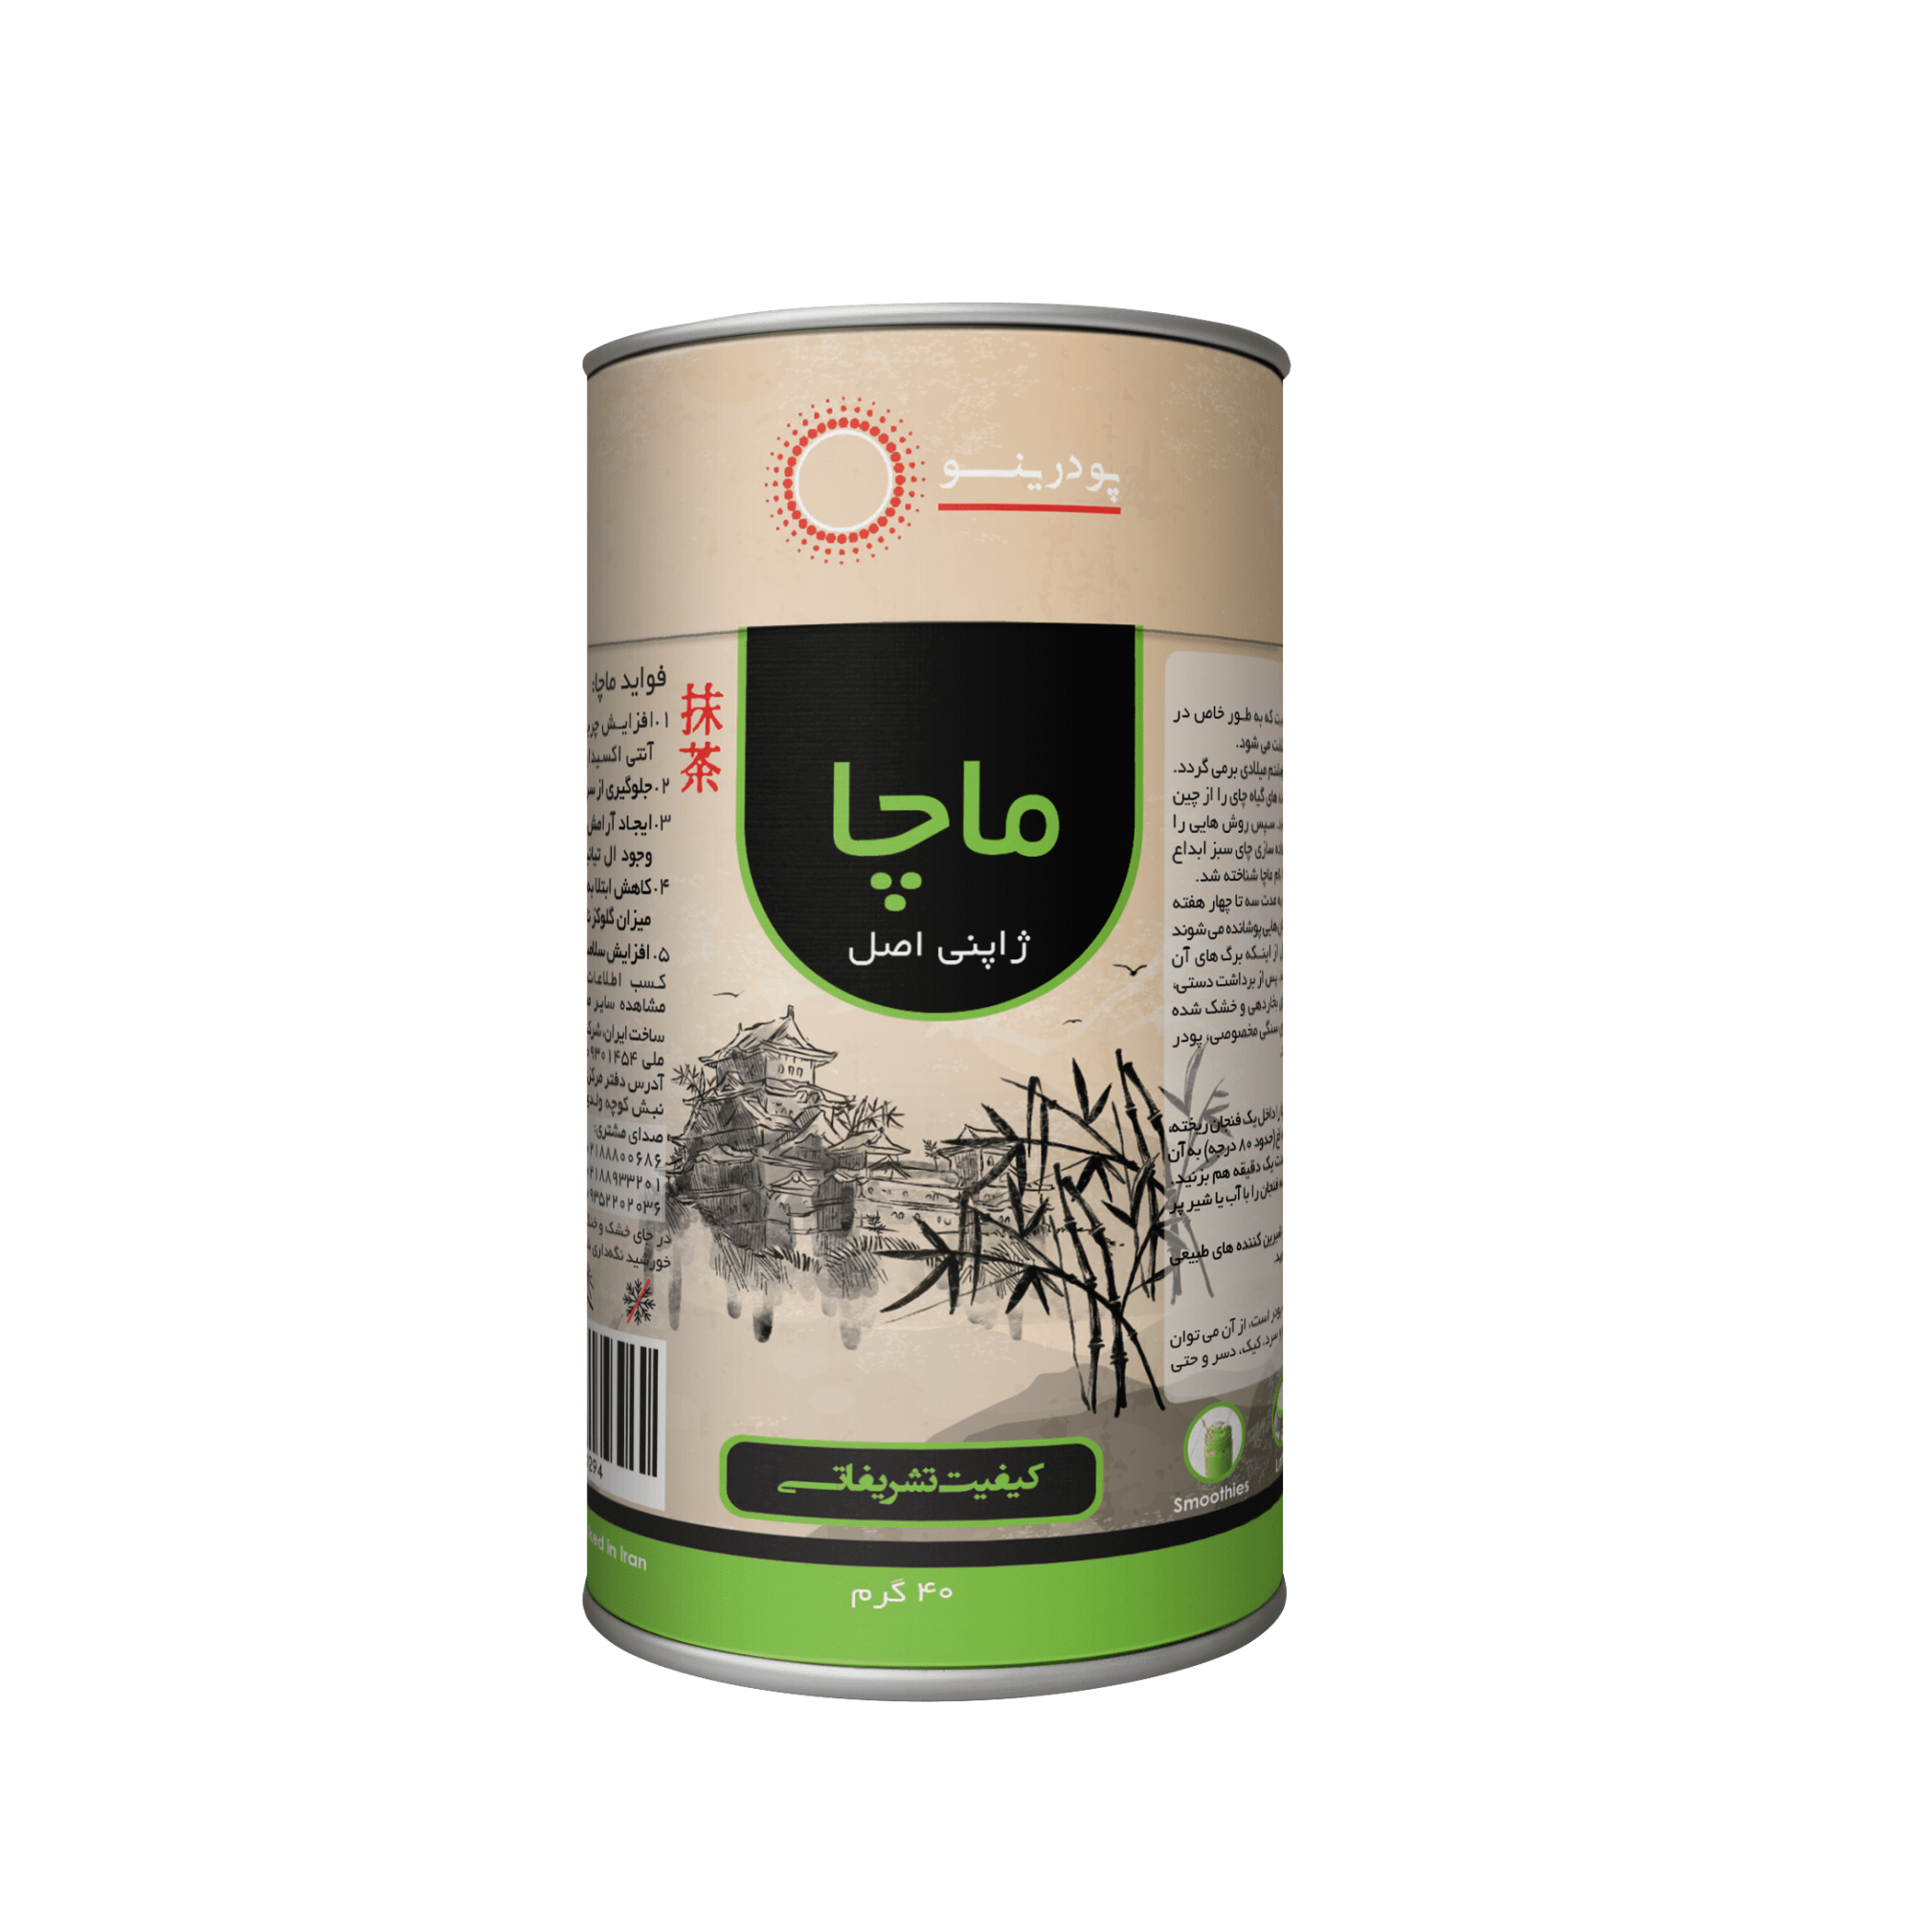 ای ماچا از جمله نوشیدنیهای پرطرفدار در چین و آسیا است. ماچا نوعی پودر بدست آمده از چای سبز است که علاوه بر خواص چربیسو